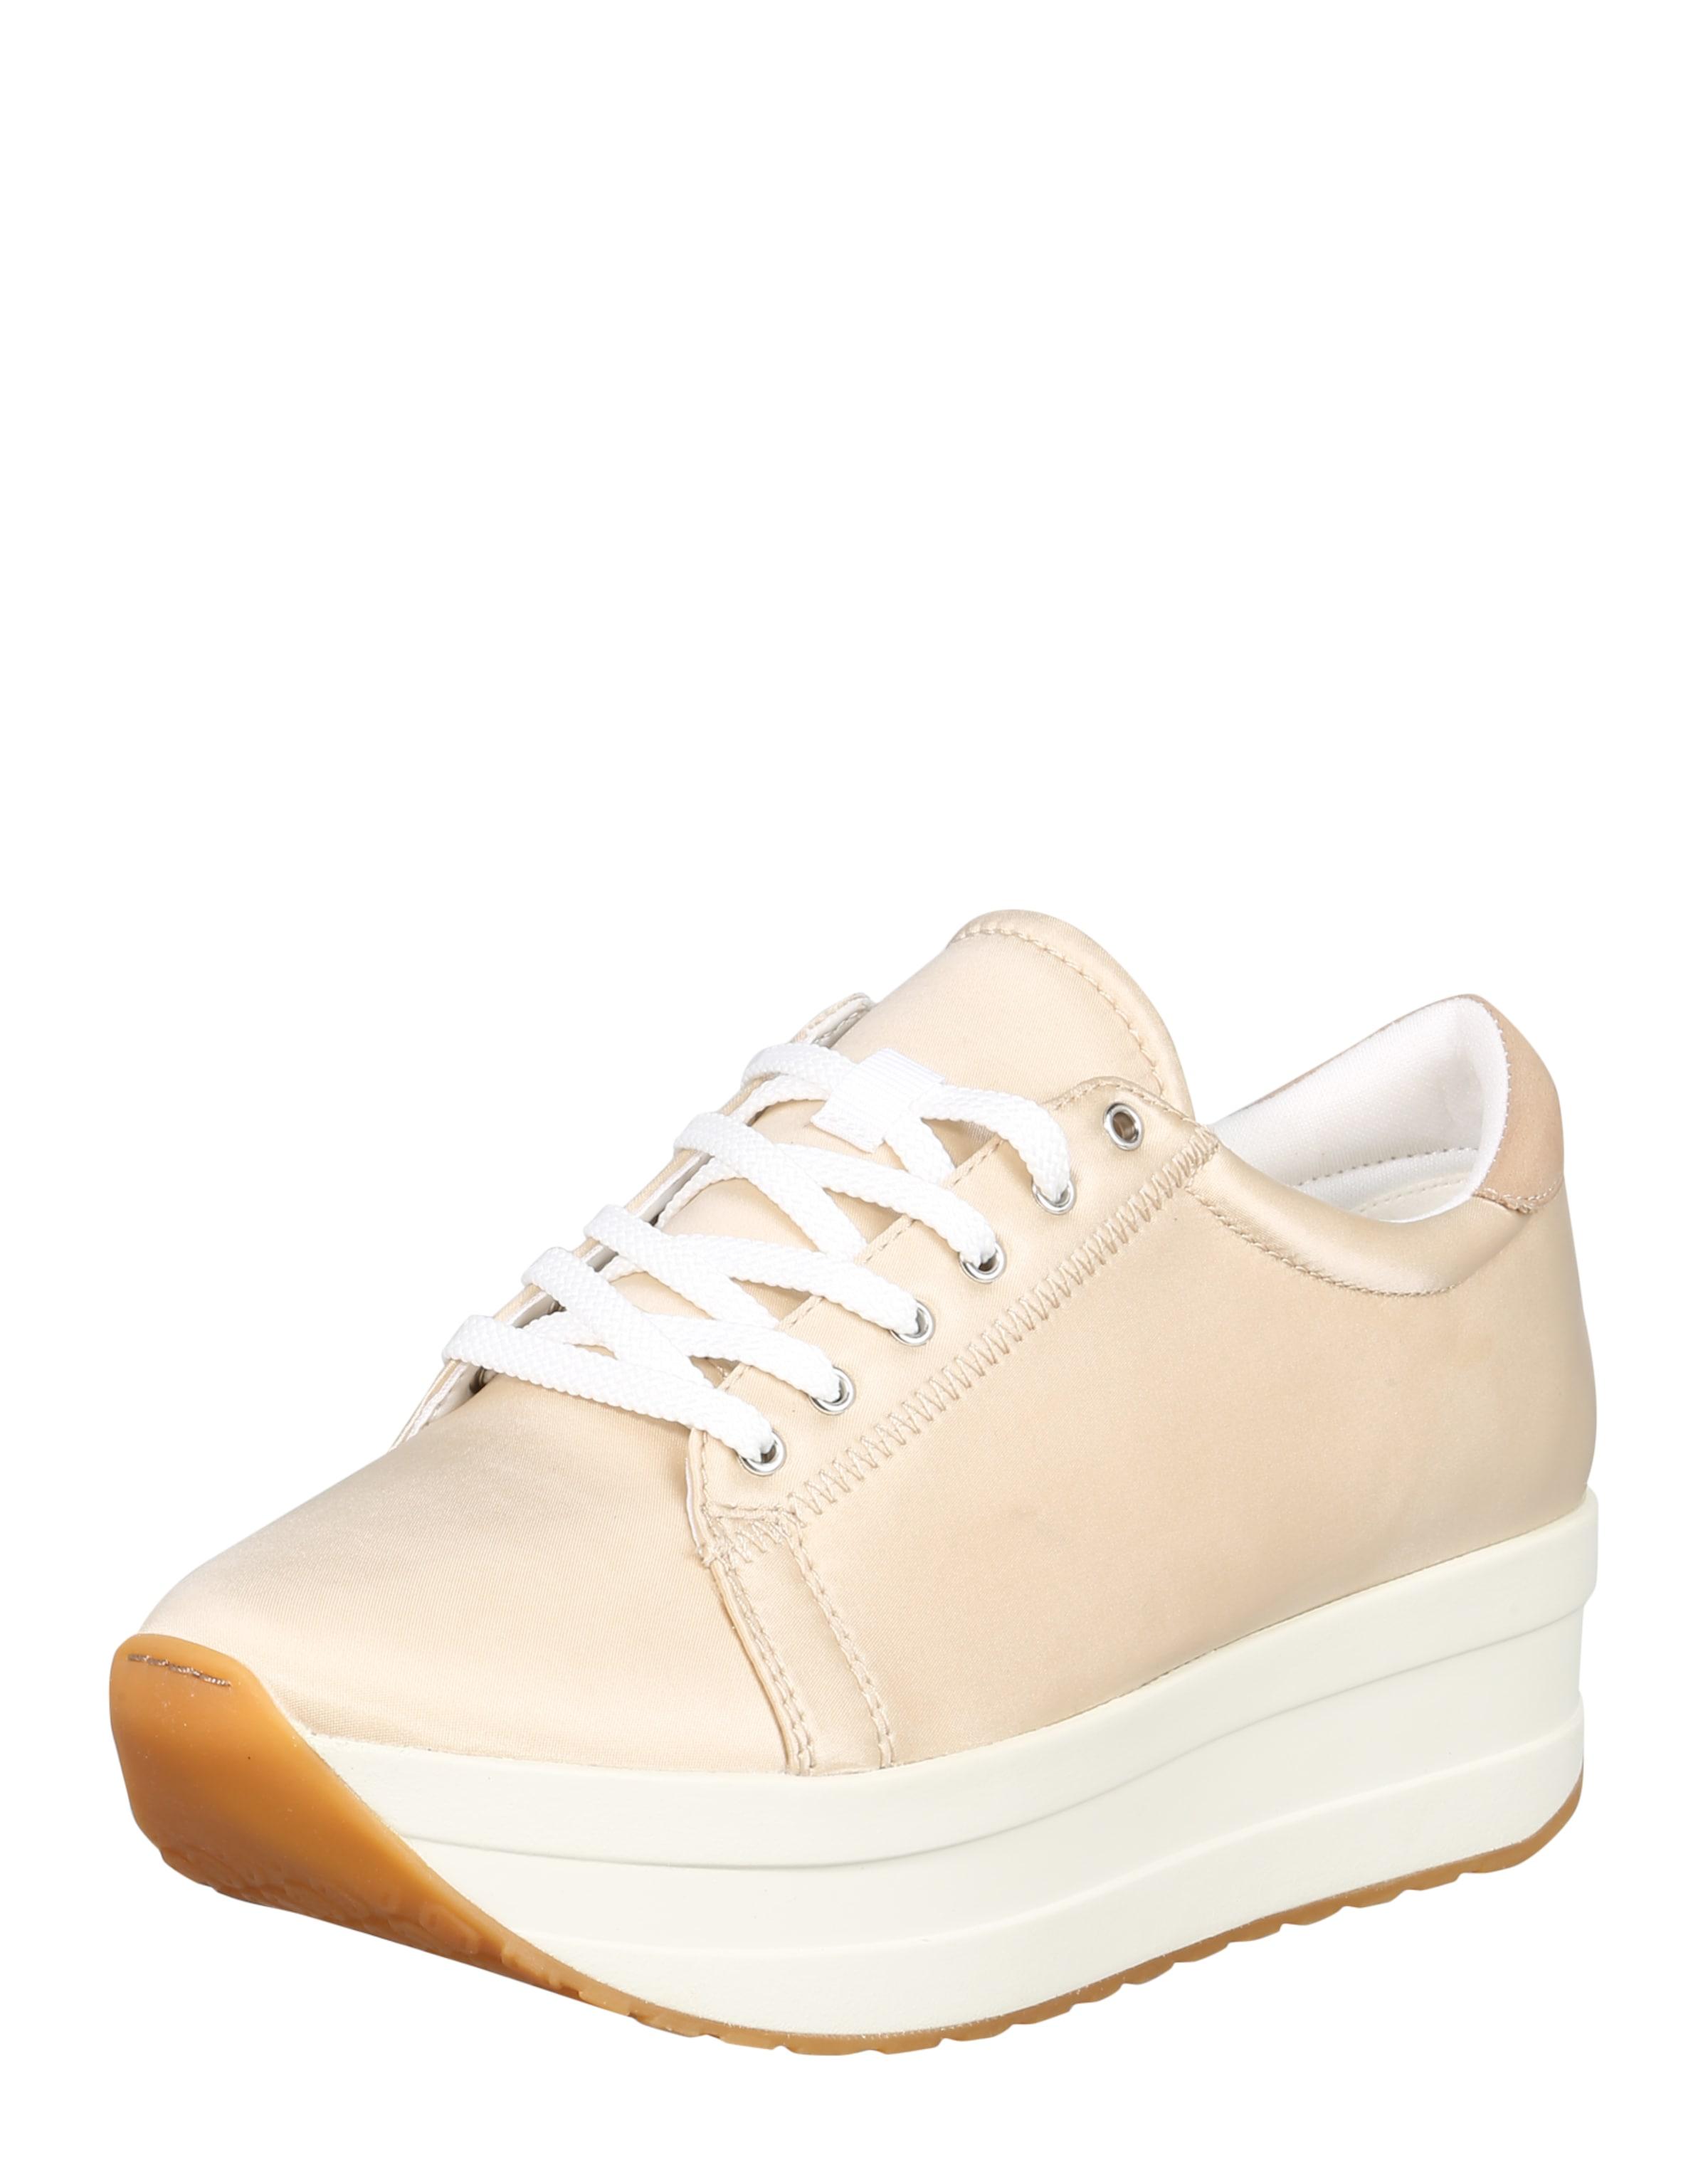 VAGABOND SHOEMAKERS Plateau Sneaker  Casey